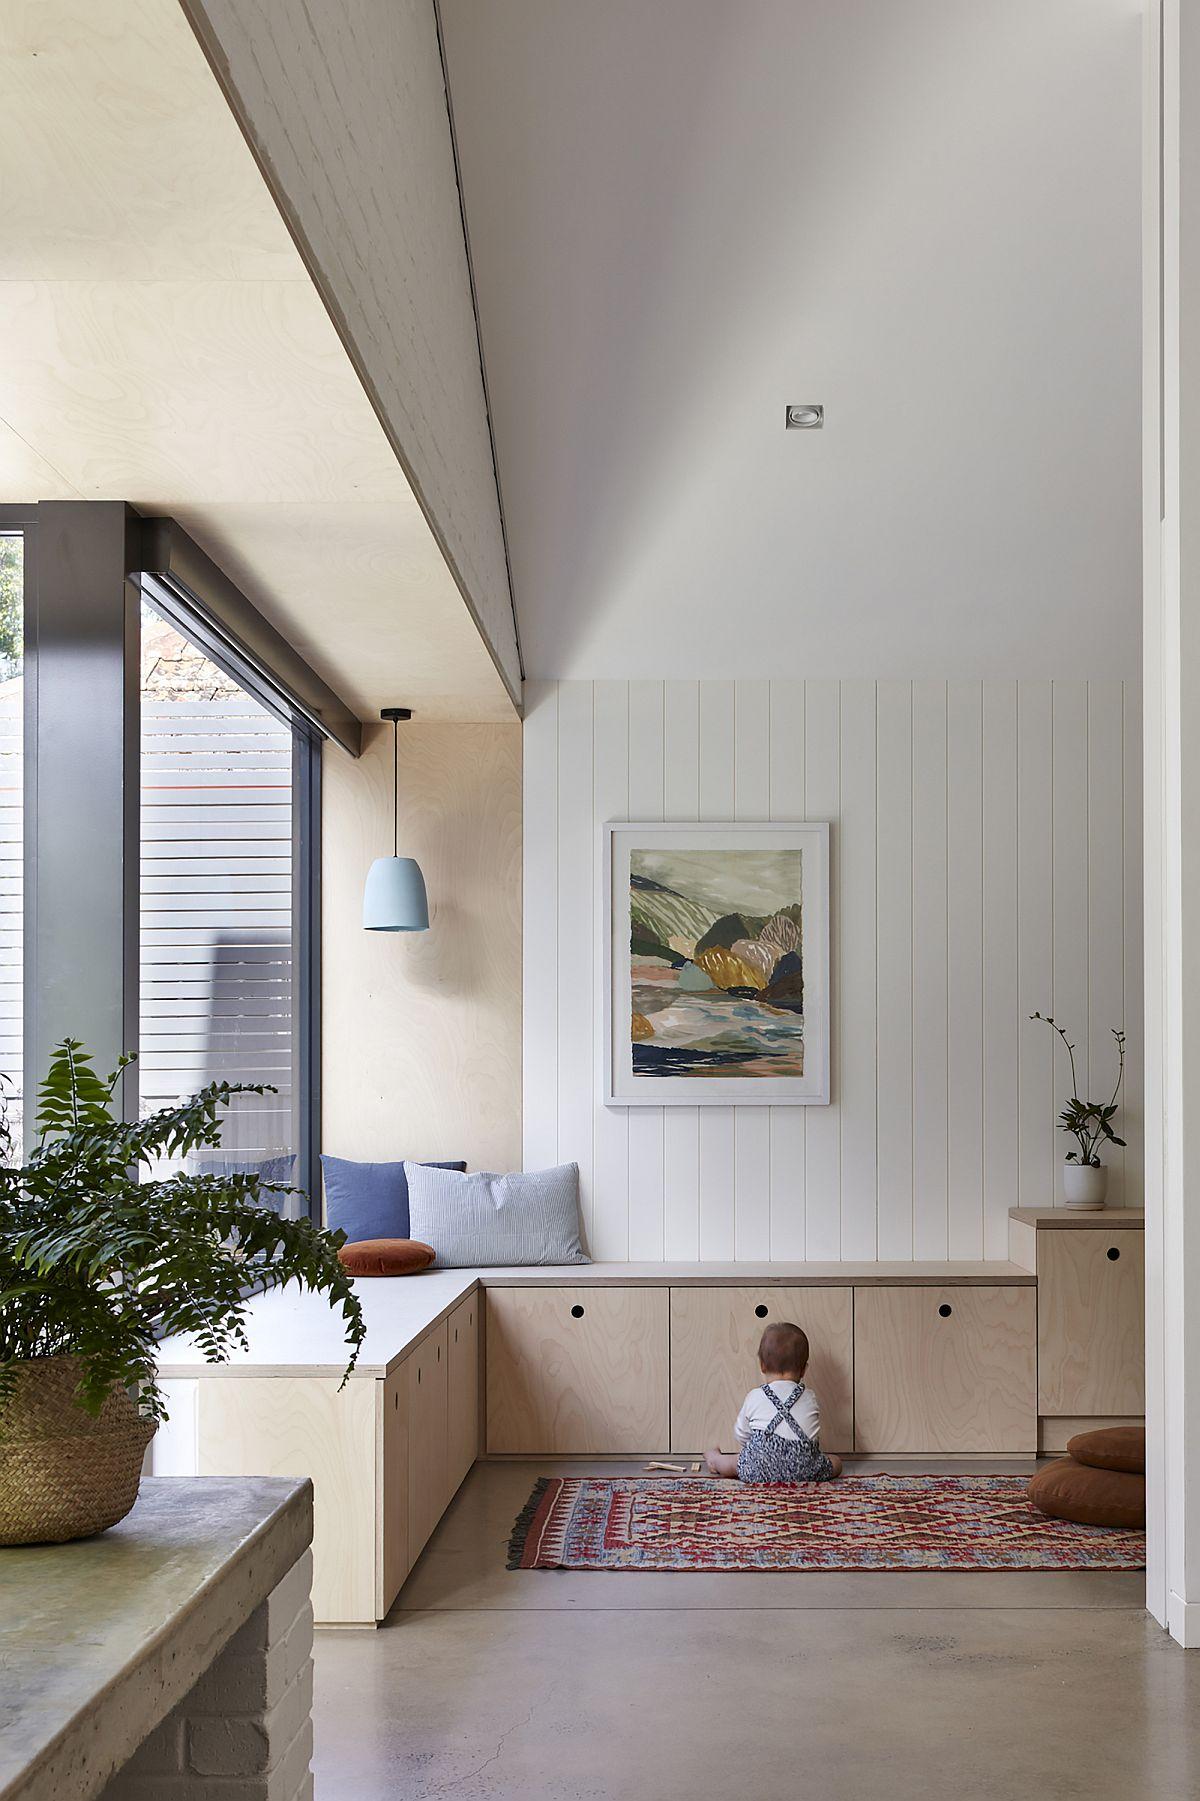 Espaces de vie lumineux, lumineux et modernes de la maison à Unley Park, Adélaïde